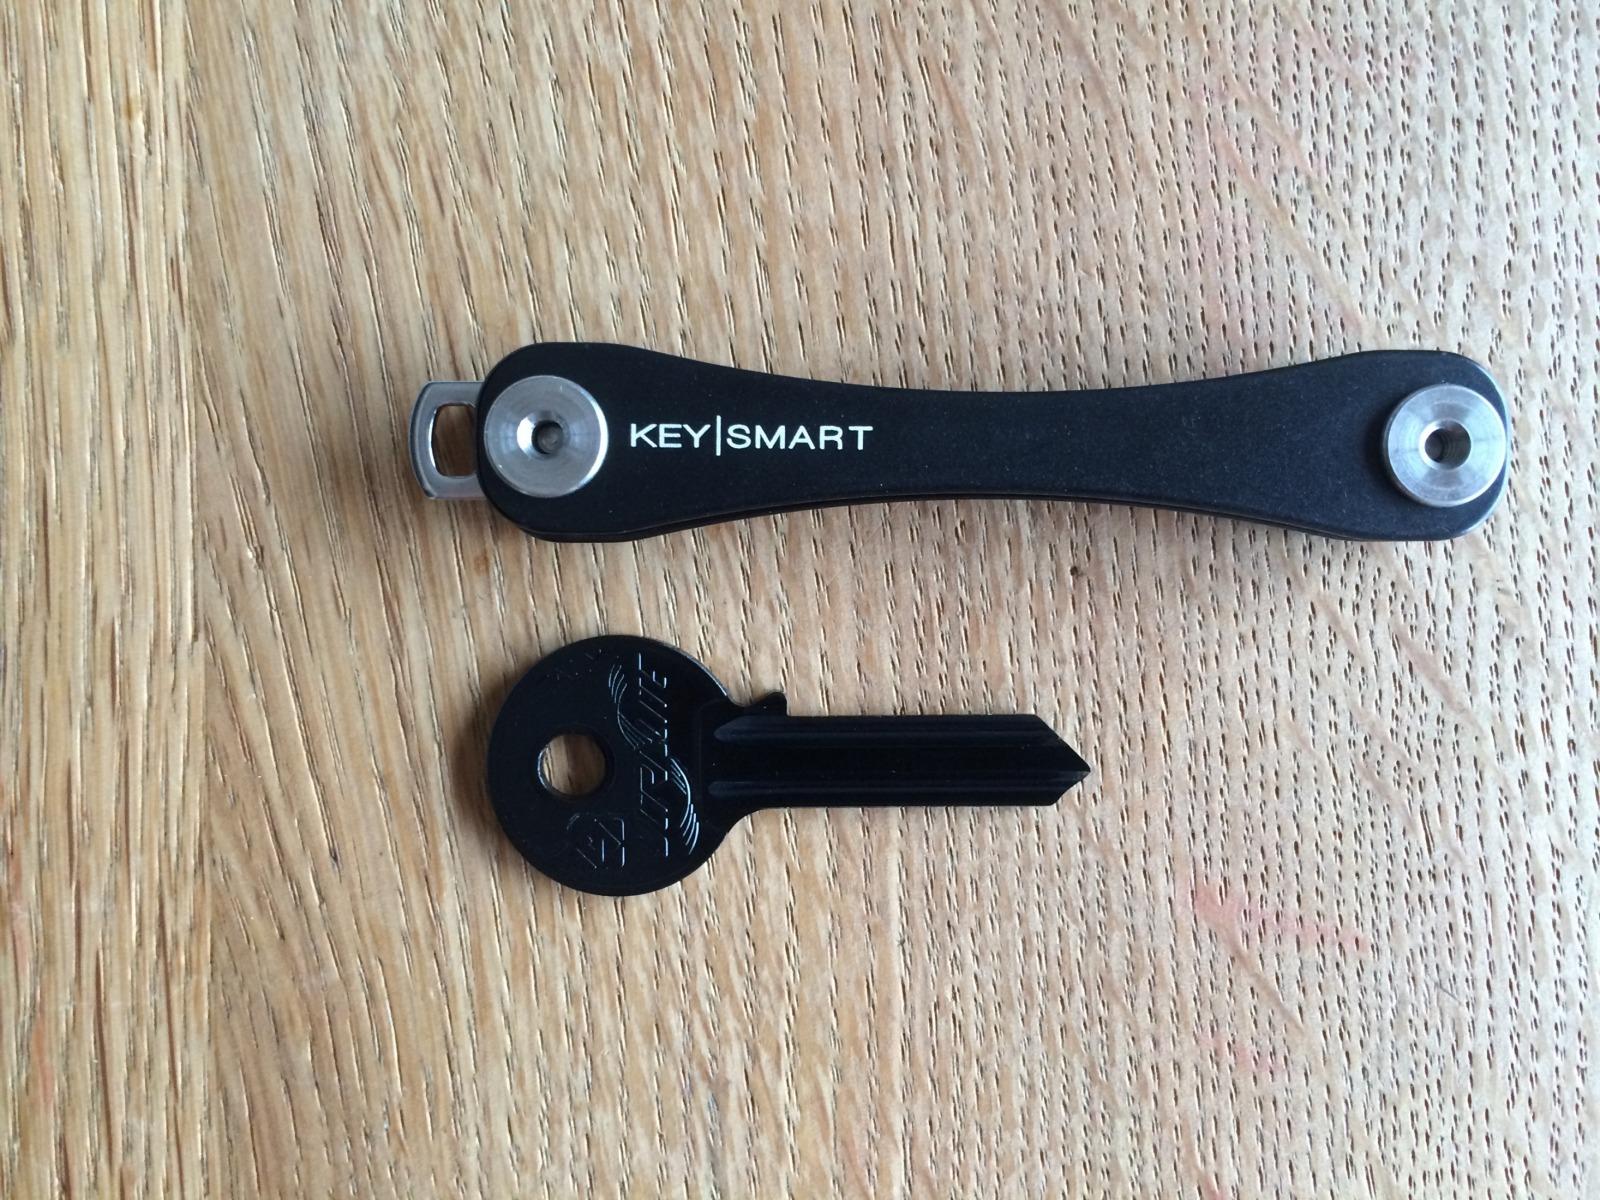 Ultralite-Ersatzschlüssel für den Keysmart 2